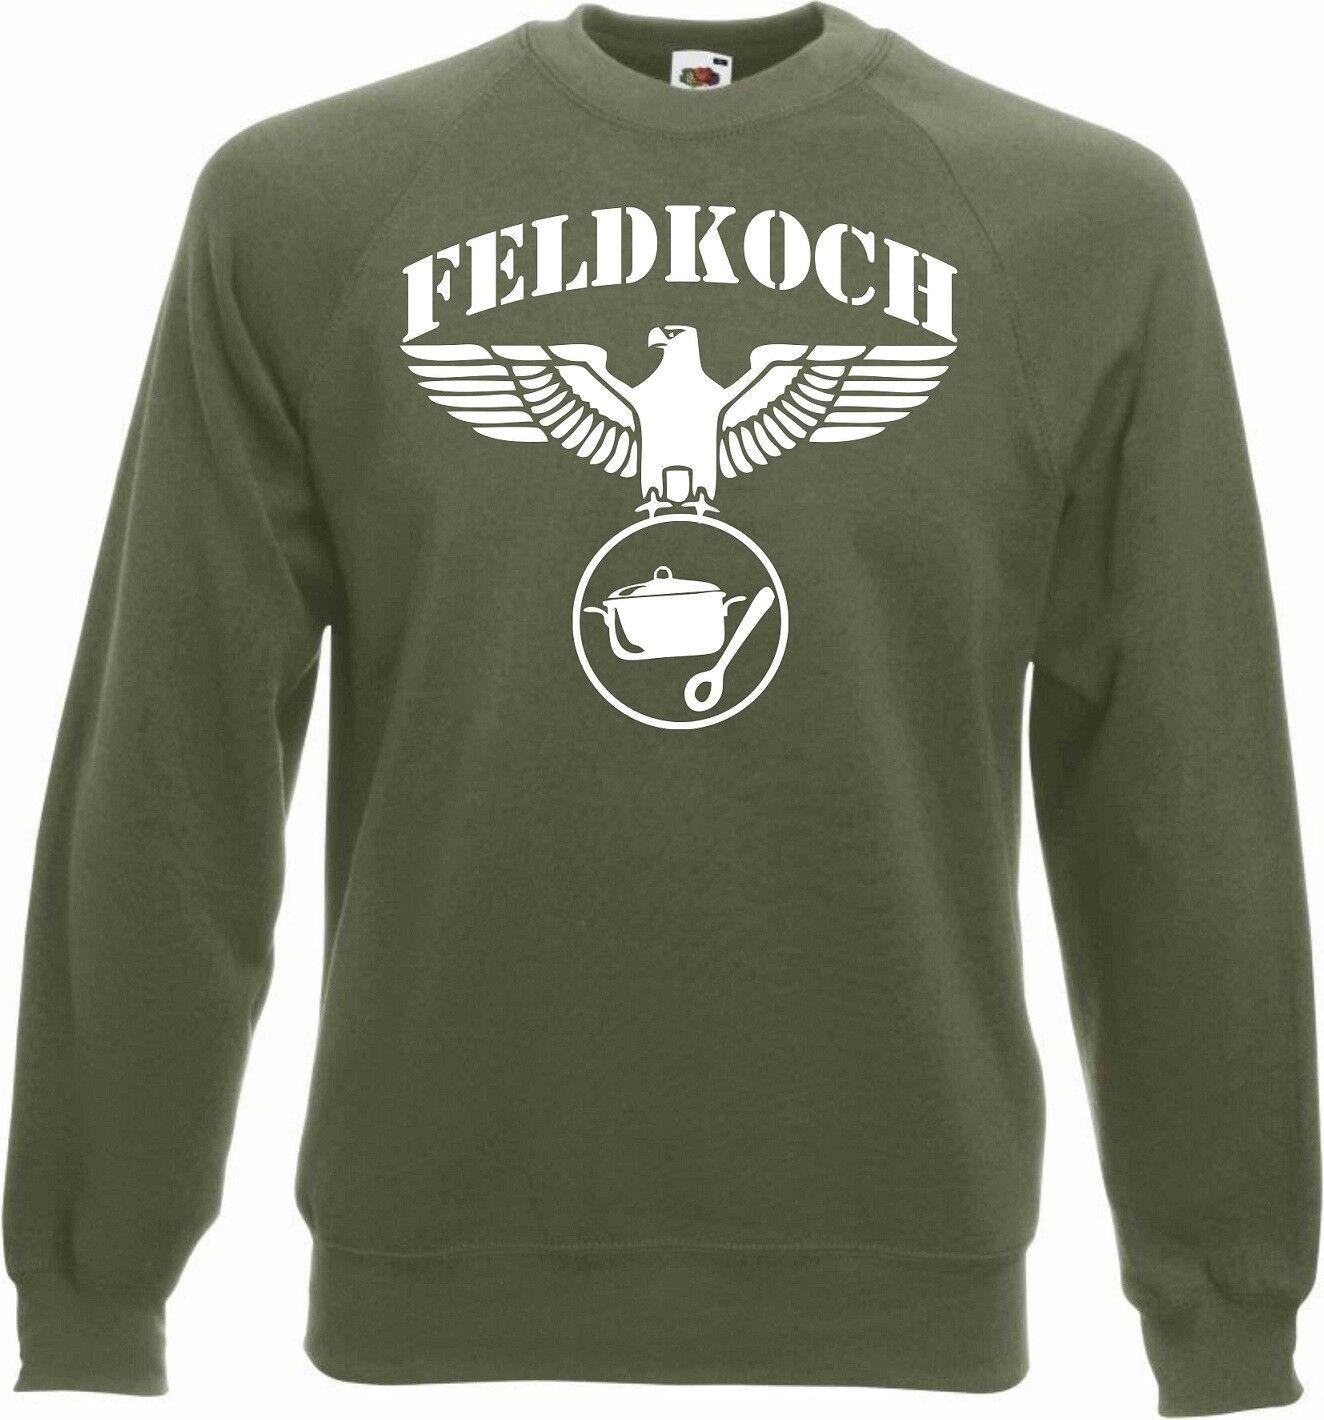 Pullover Feldkoch Wehrmacht Reichsadler Soldat Bundeswehr Armee T-Shirt Koch Top